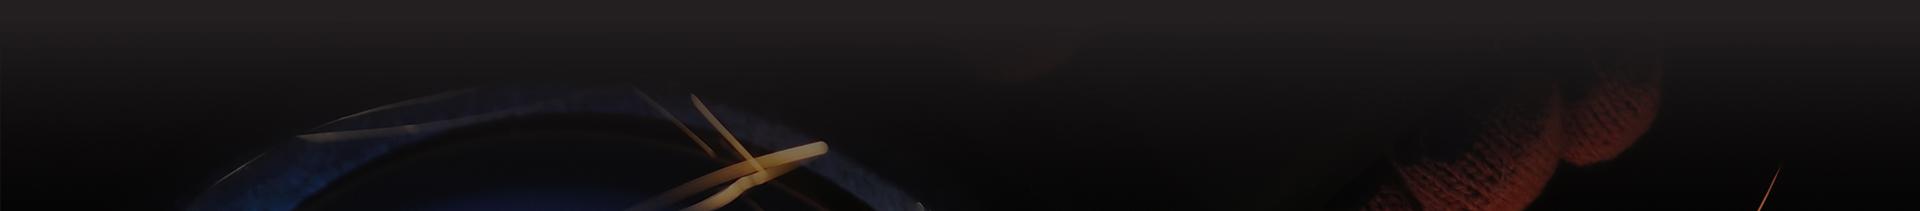 Abris 64, Abris Côte Basque, Abris Pau, Clôture 64, Clôture Côte Basque, Clôture Pau, Escalier 64, Escalier Côte Basque, Escalier Pau, Garde corps 64, Garde corps Côte Basque, Garde corps Pau, Métallerie 64, Métallerie Côte Basque, Métallerie Pau, Pergola 64, Pergola Côte Basque, Pergola Pau, Portail 64, Portail Côte Basque, Portail Pau, Serrurerie 64, Serrurerie Côte Basque, Serrurerie Pau